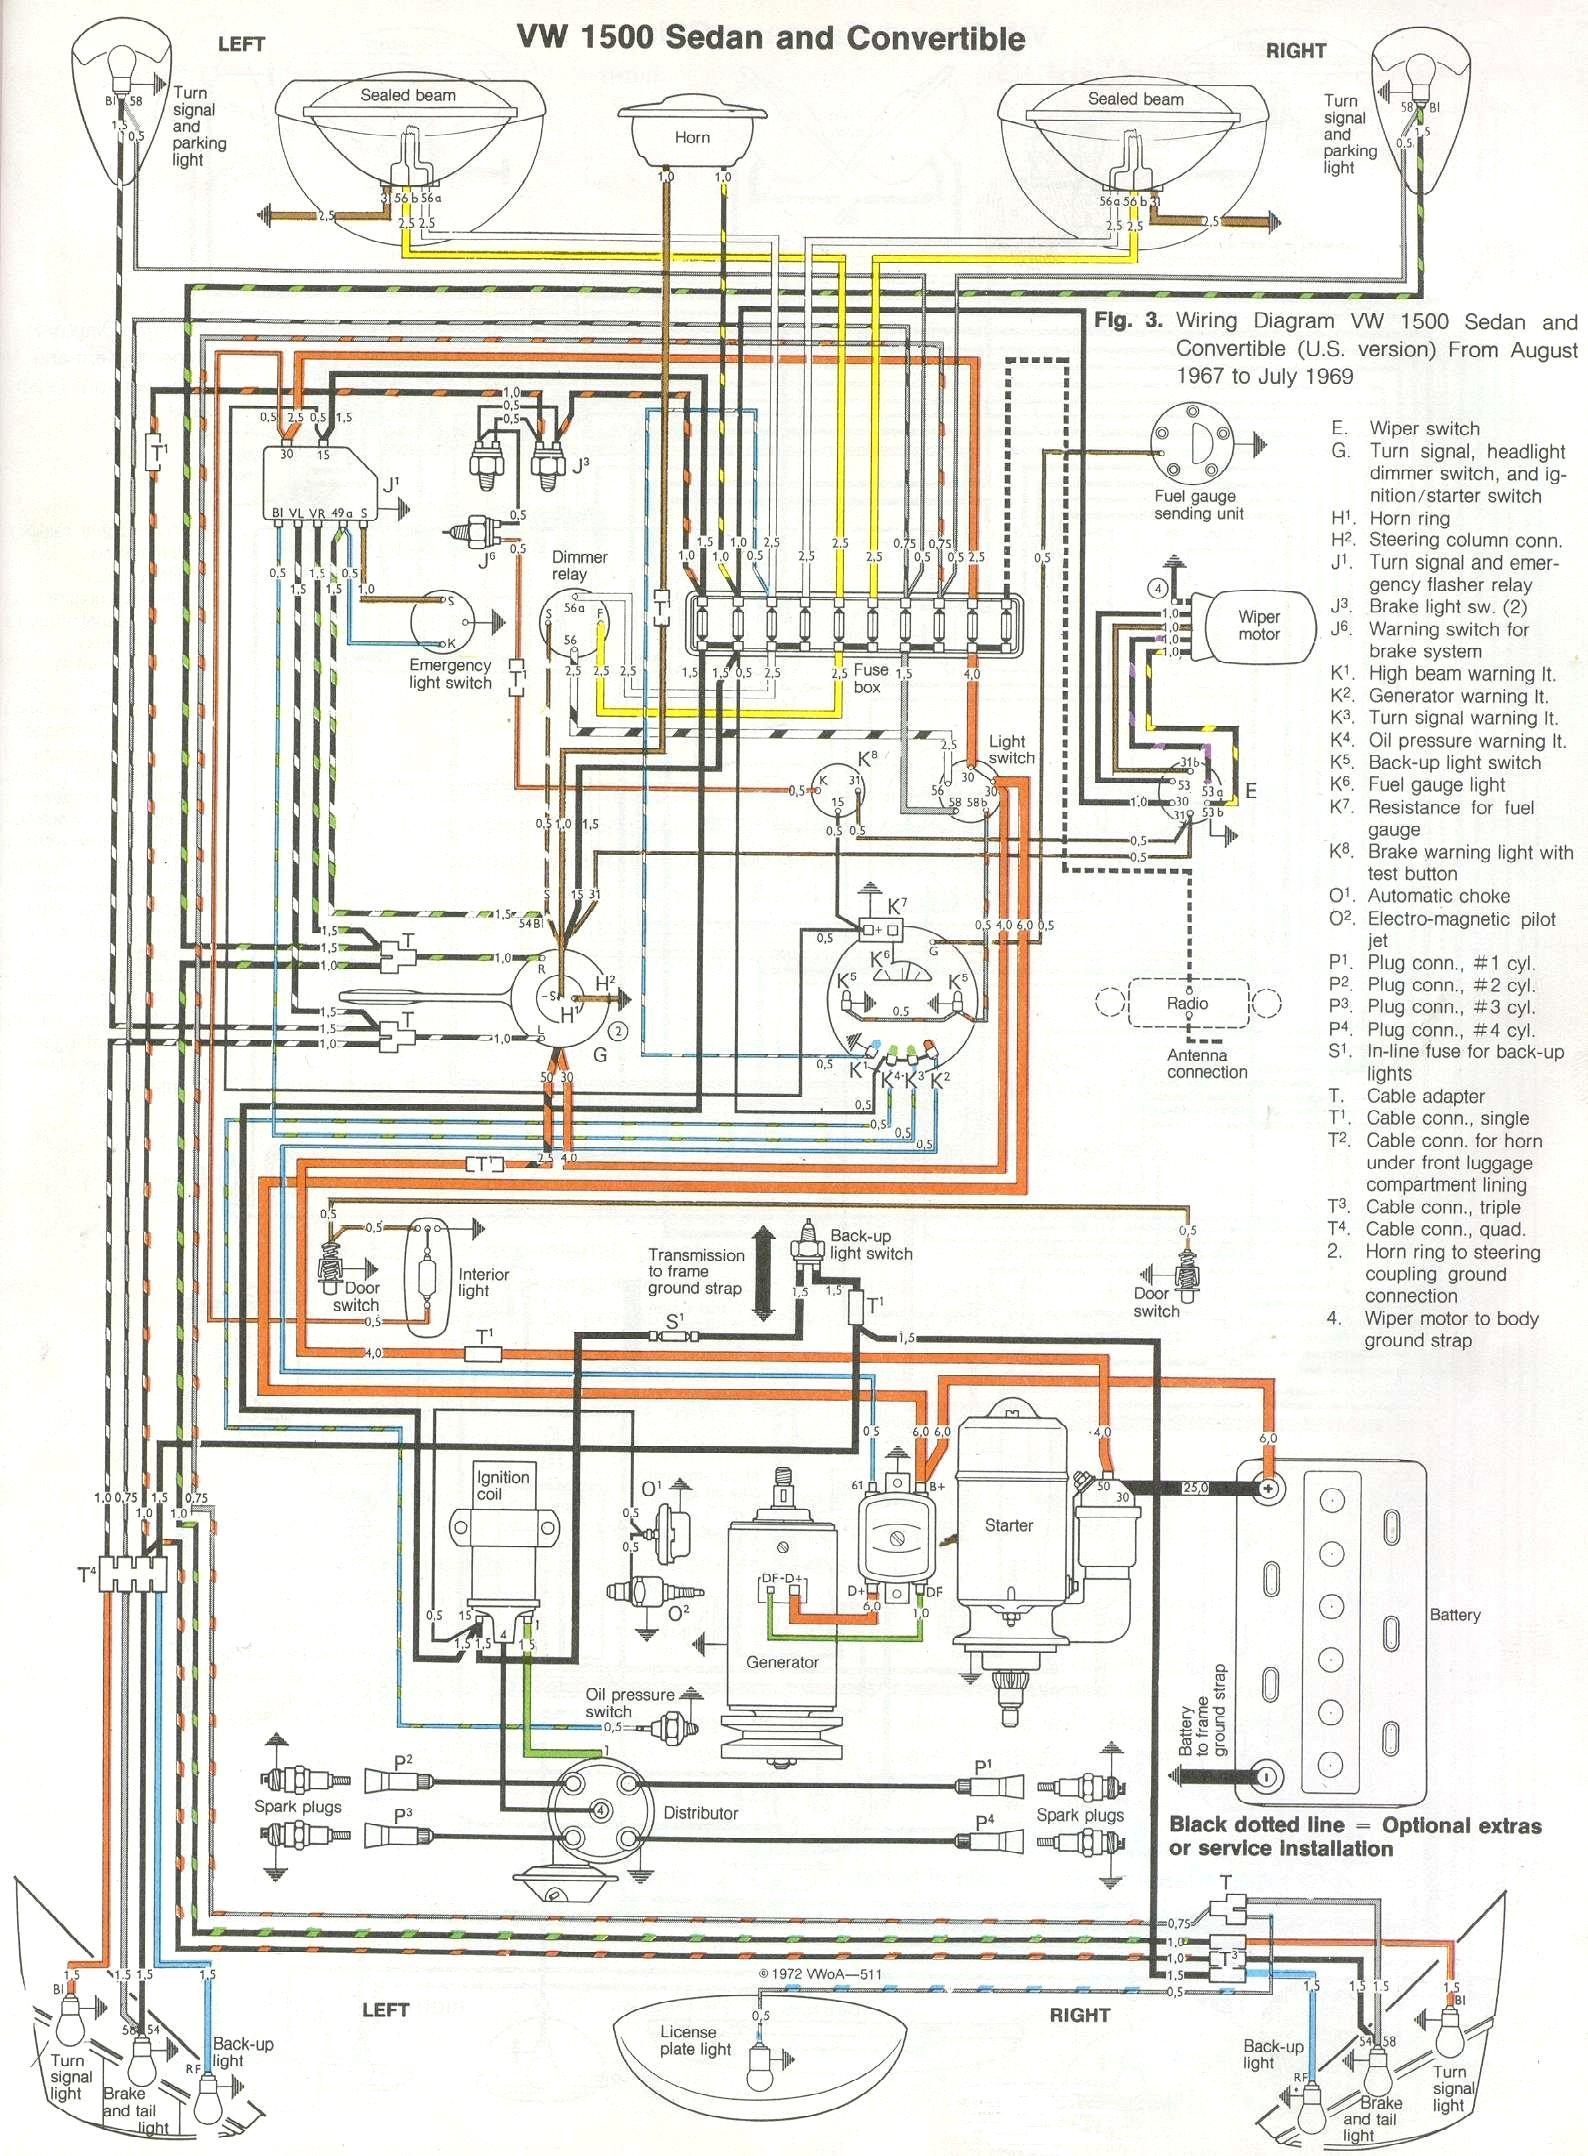 HR_9664] Volkswagen Navigation Wiring DiagramAriot Pap Mohammedshrine Librar Wiring 101